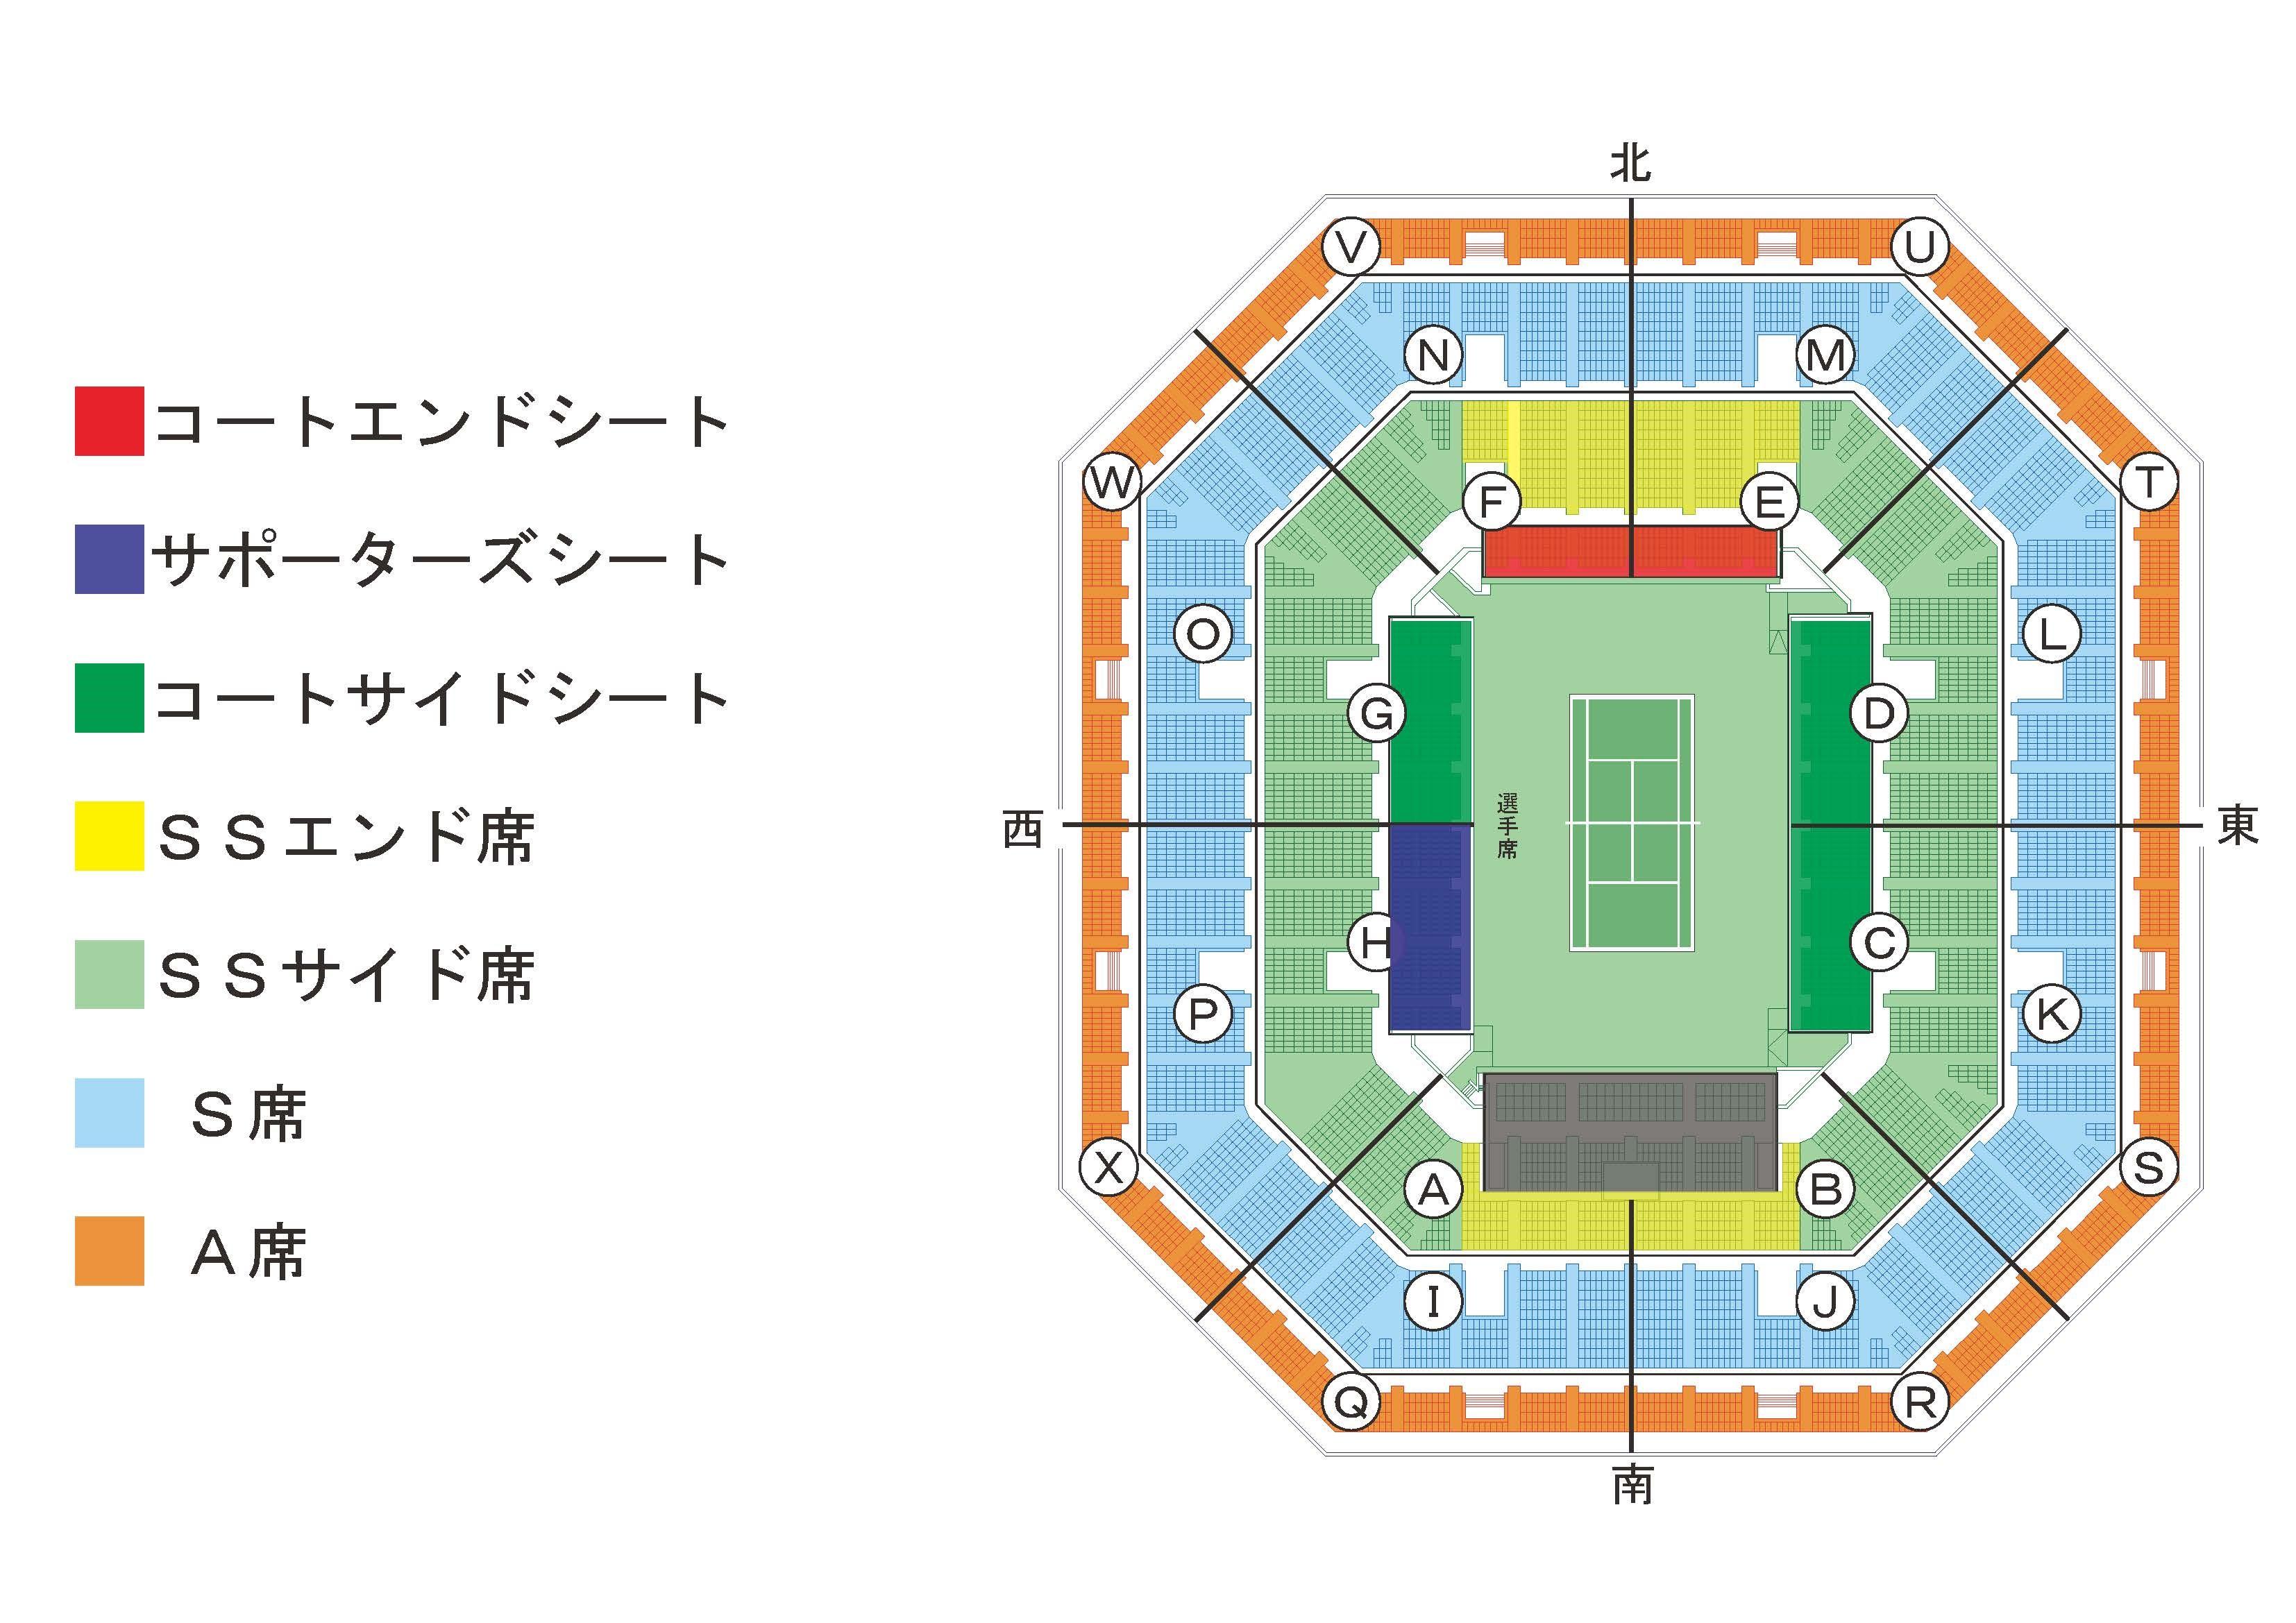 デビス座席図